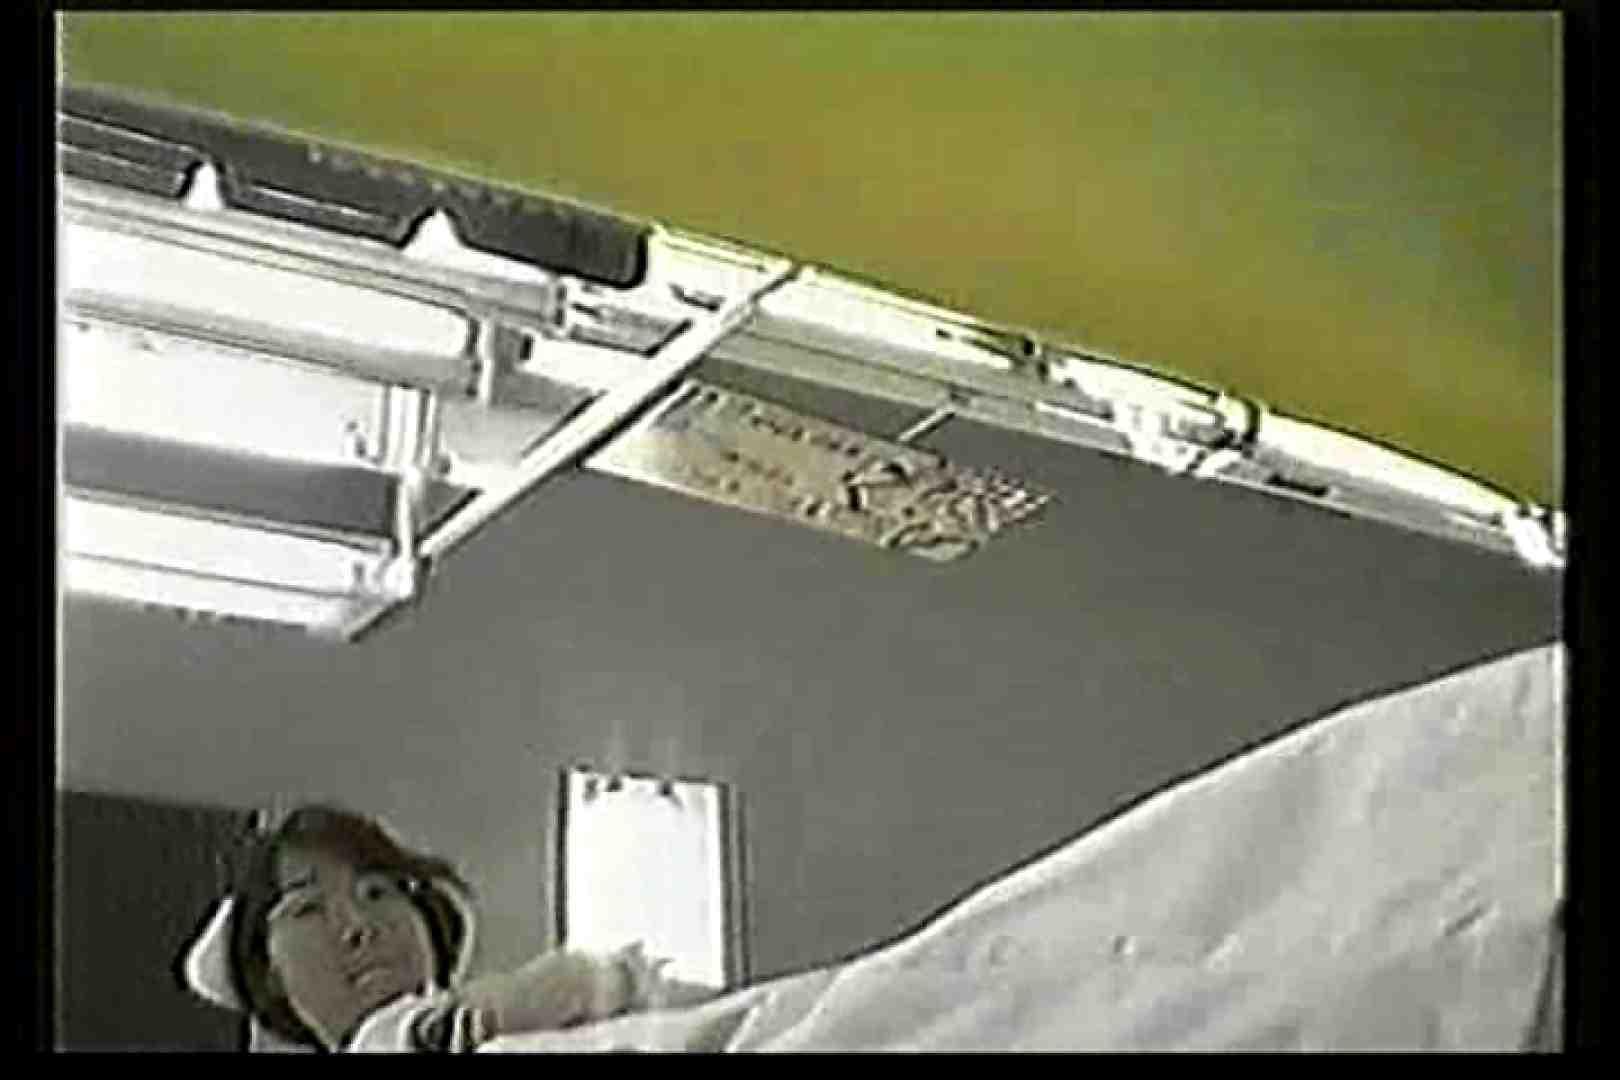 院内密着!看護婦達の下半身事情Vol.2 OLヌード天国  105PIX 84